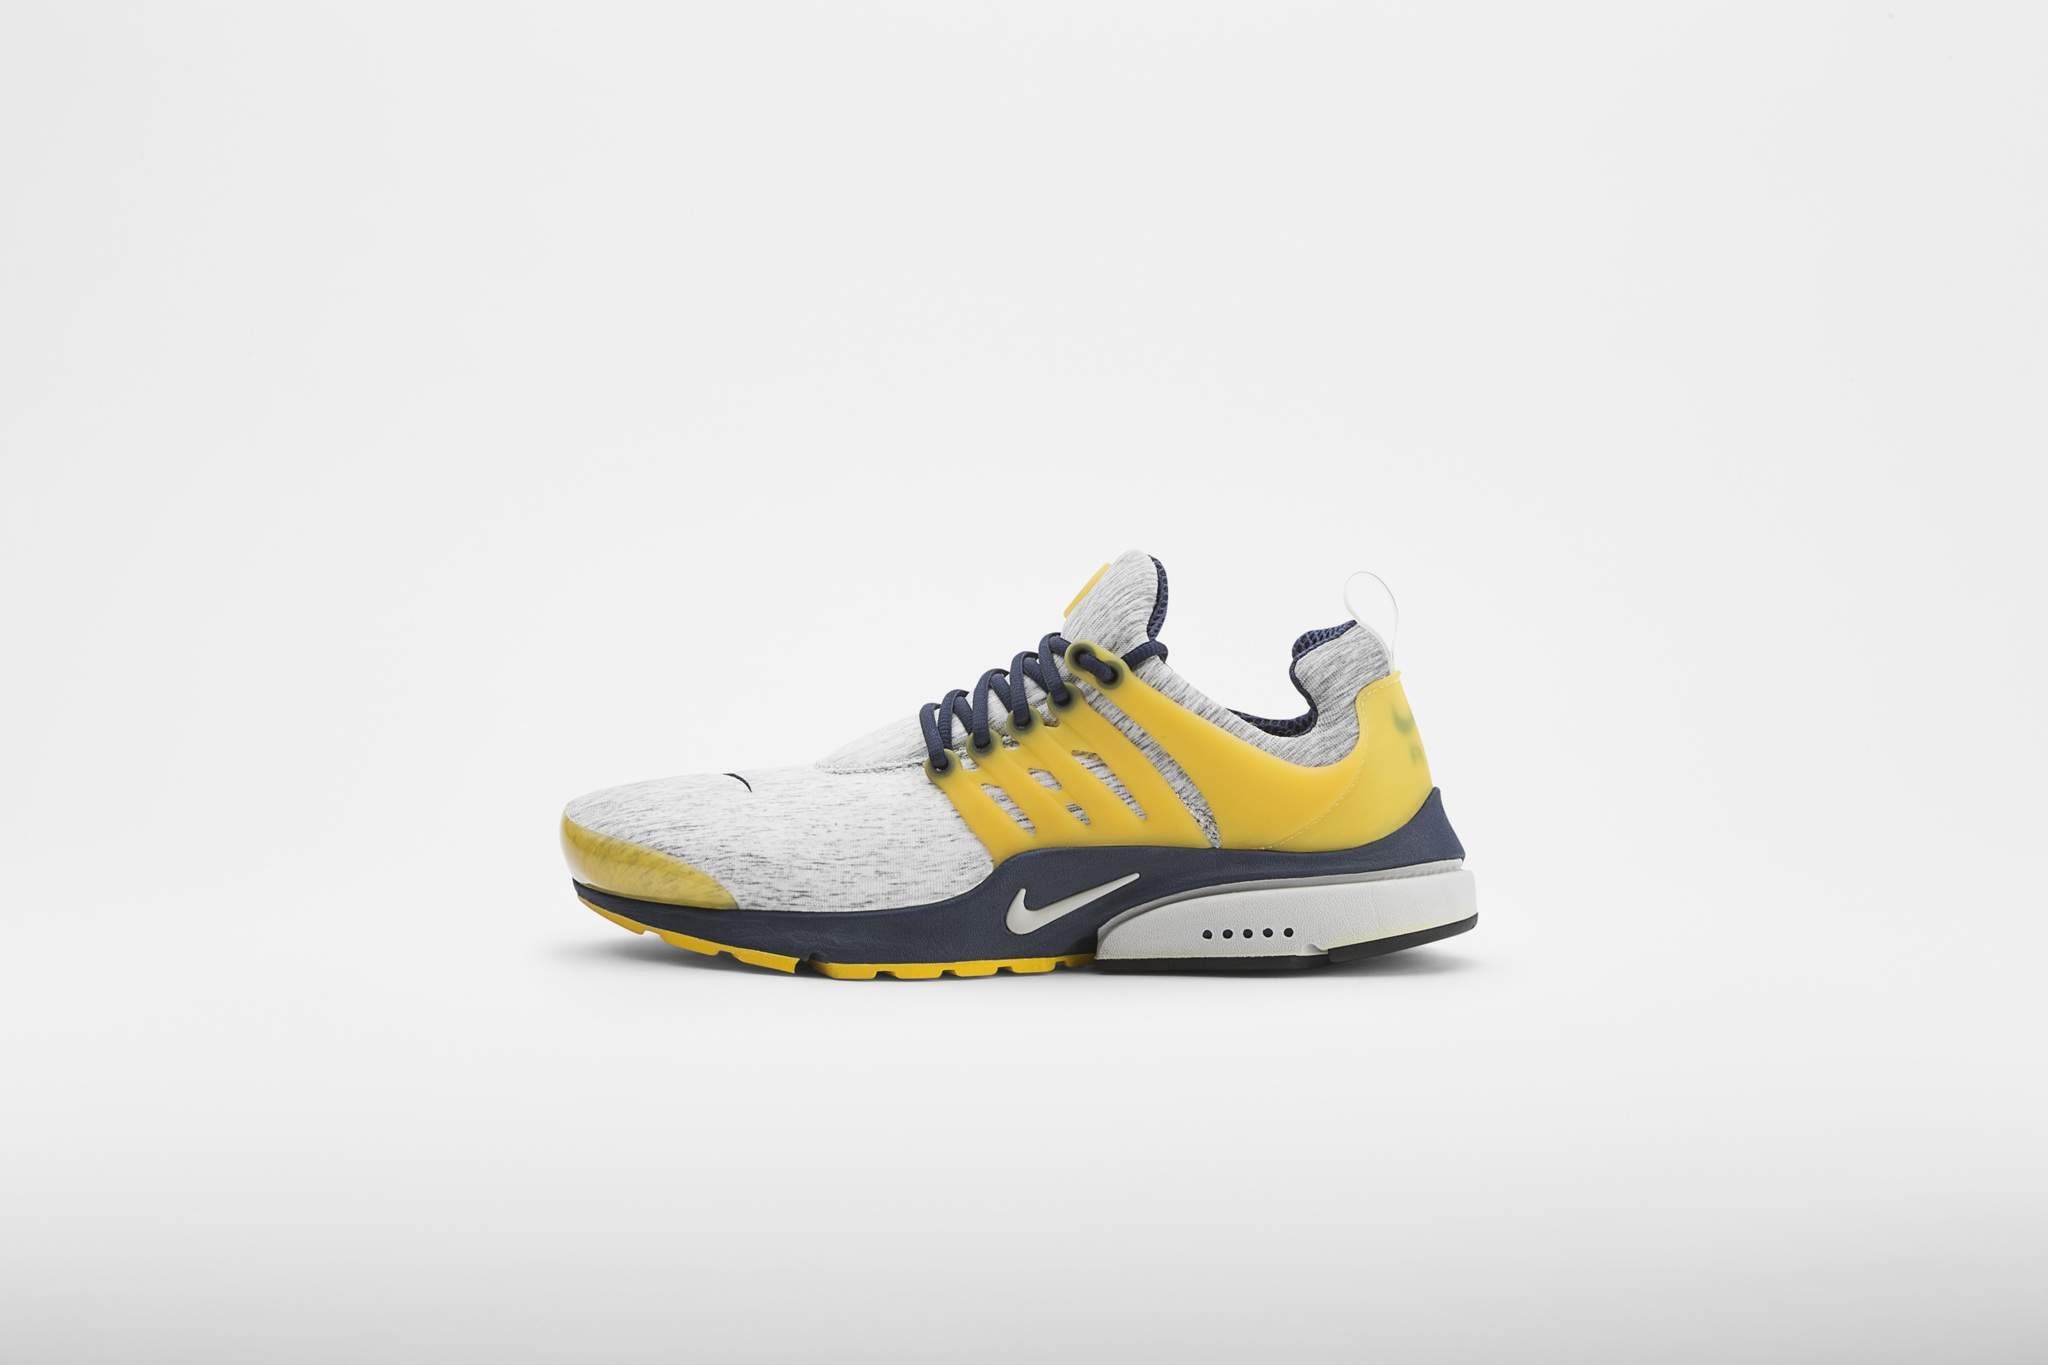 timeless design 229c5 06450 Nike Air Presto la historia de una zapatilla con magia